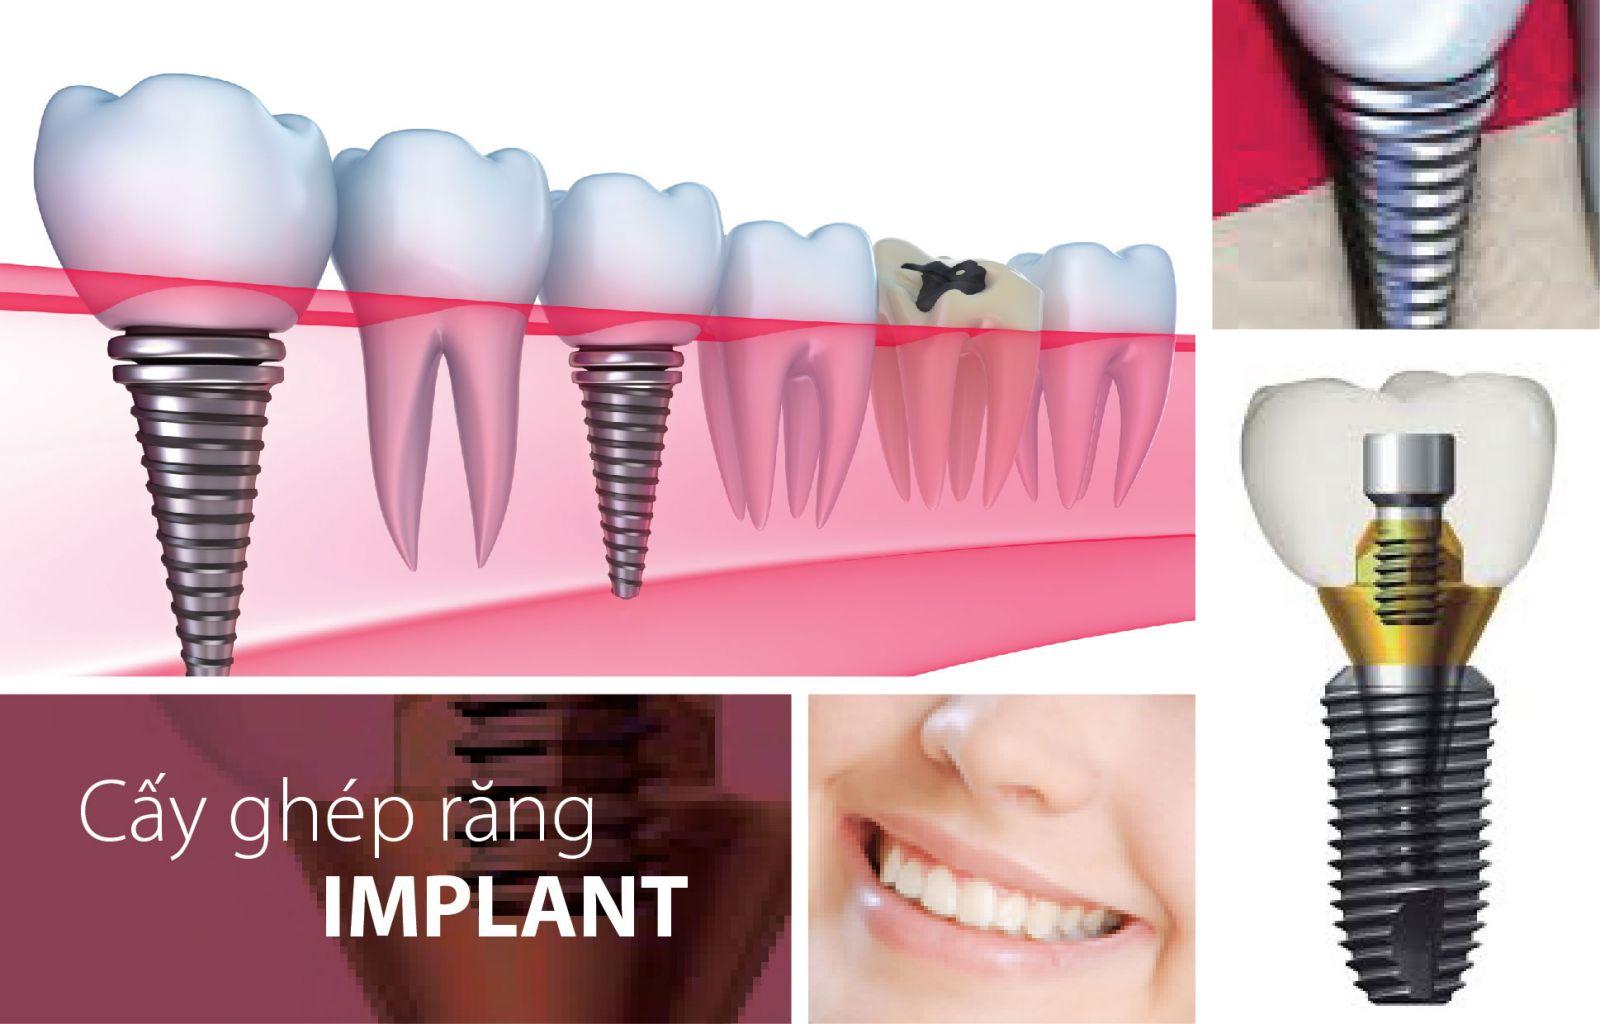 Mức giá cấy ghép răng implant 1